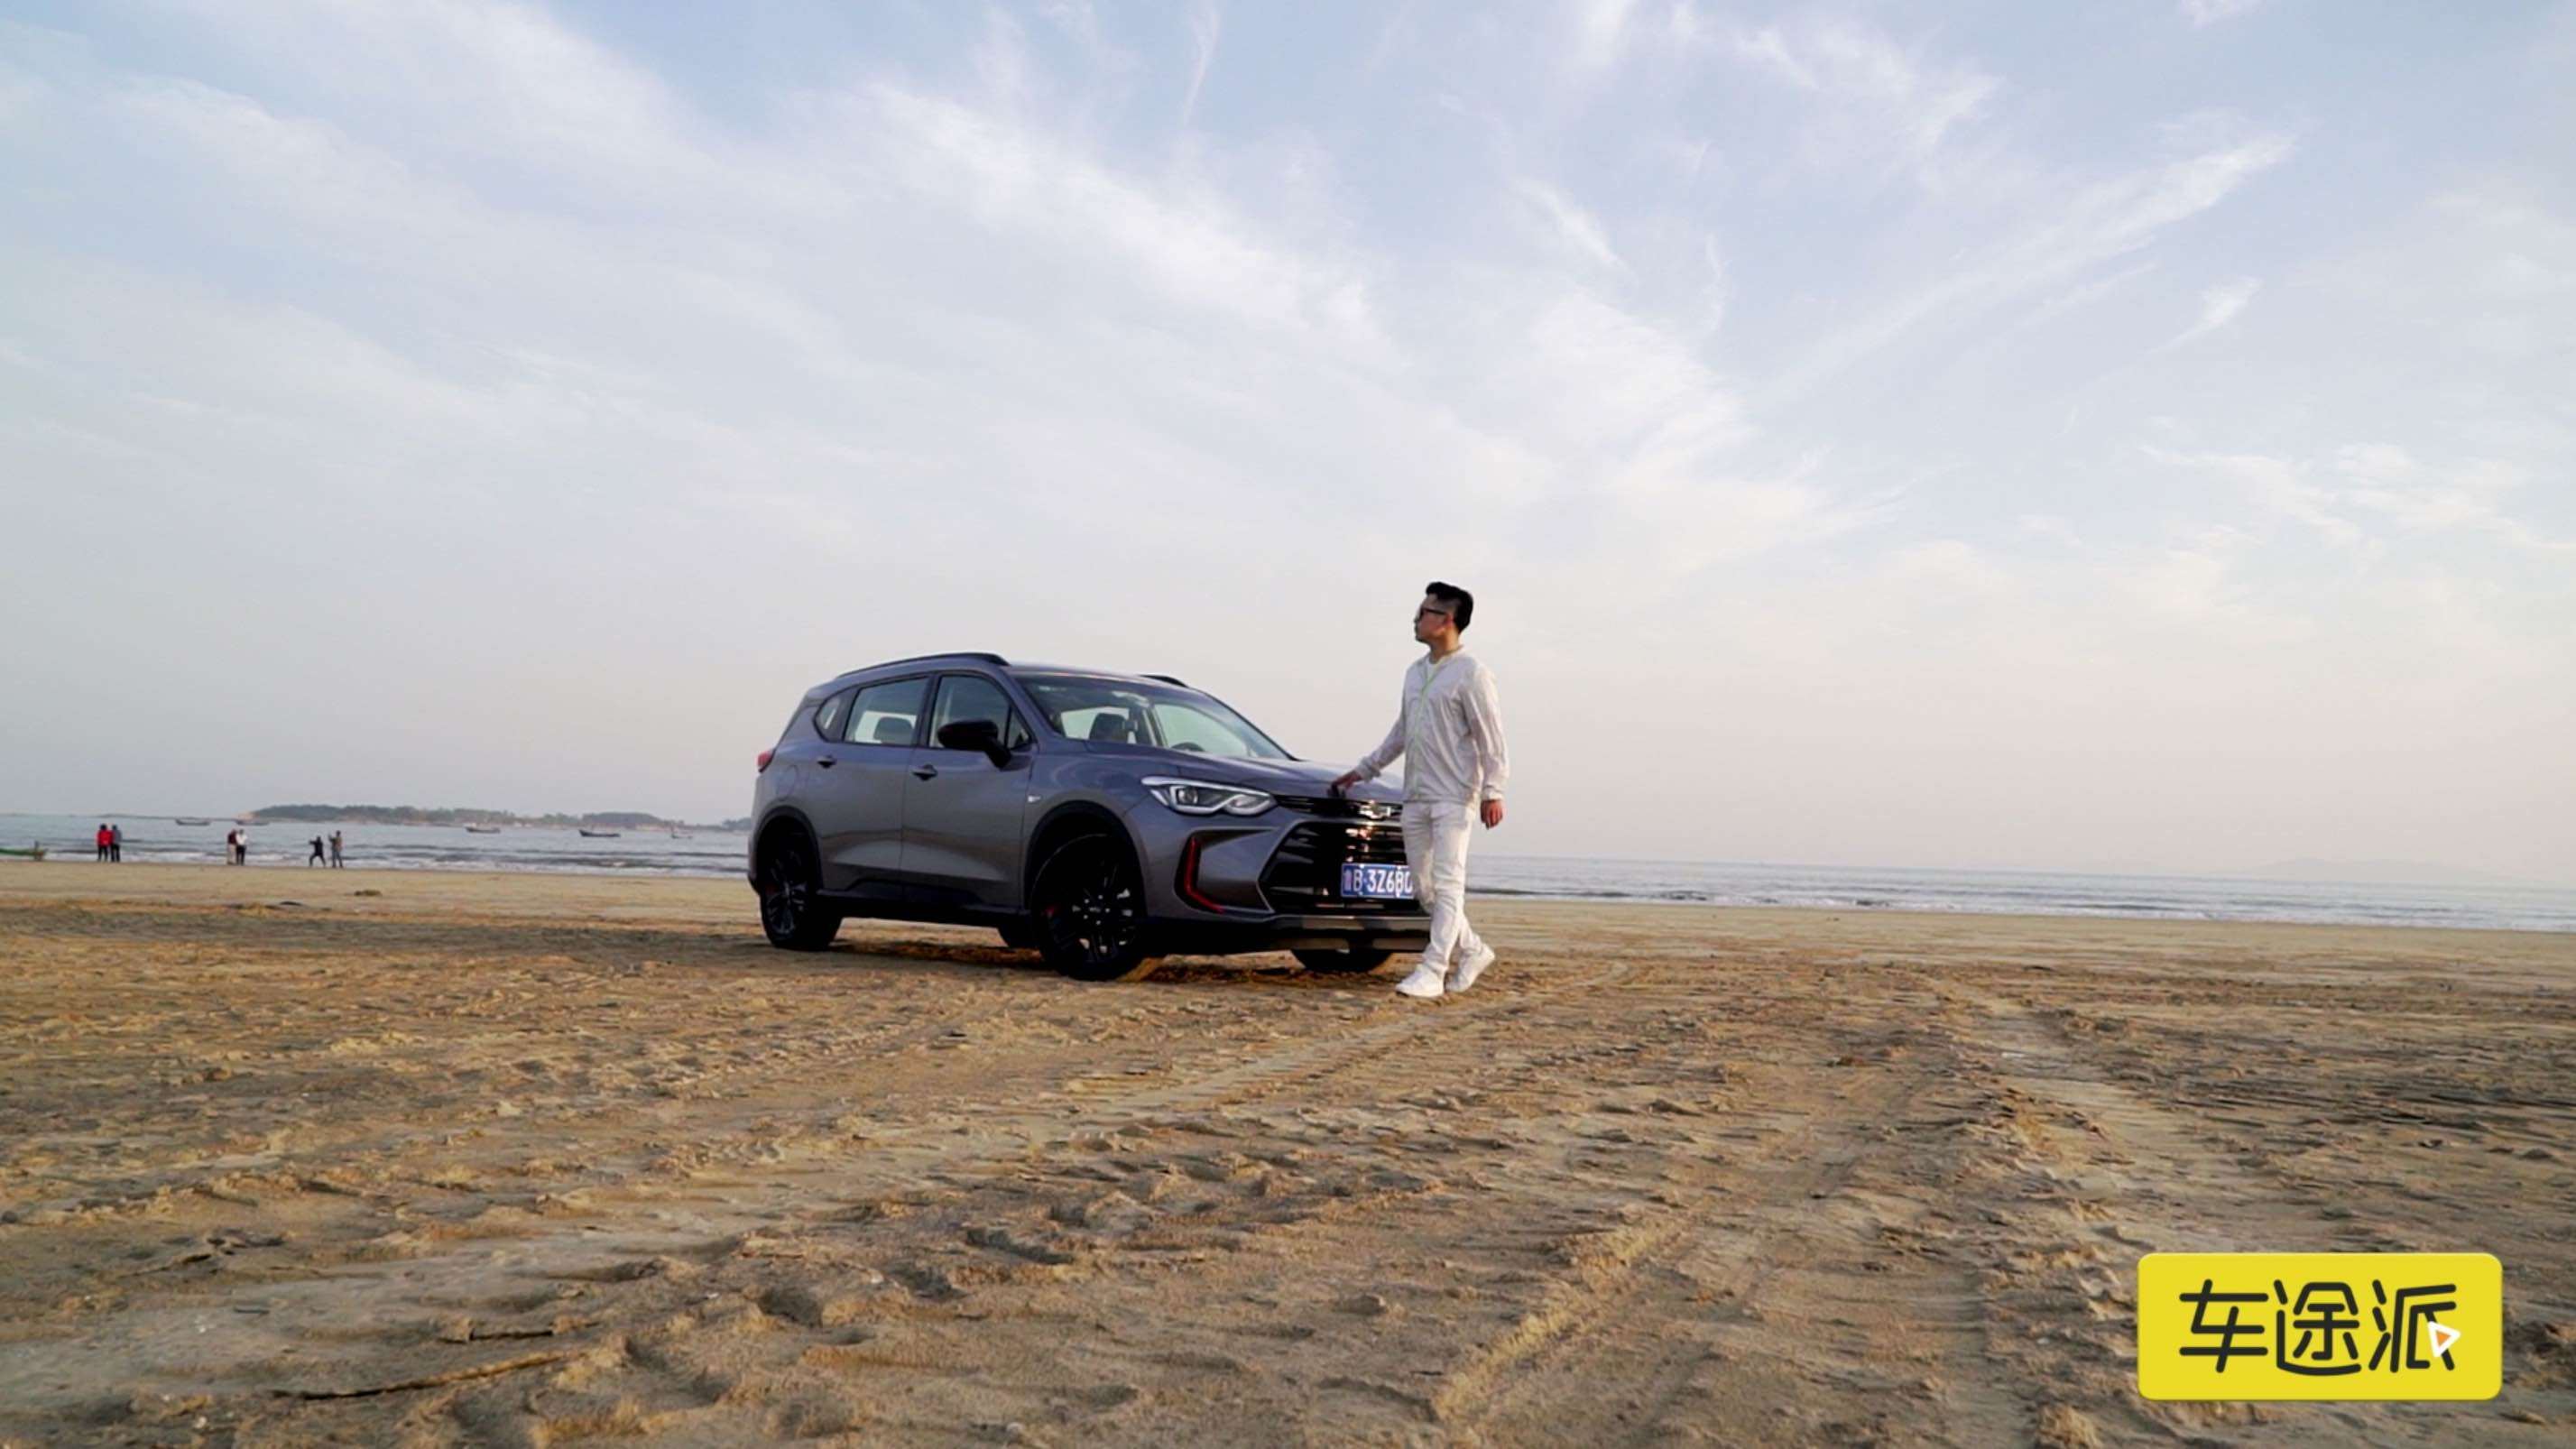 刘一开车从青岛到威海,一路风景,一人一车的旅途